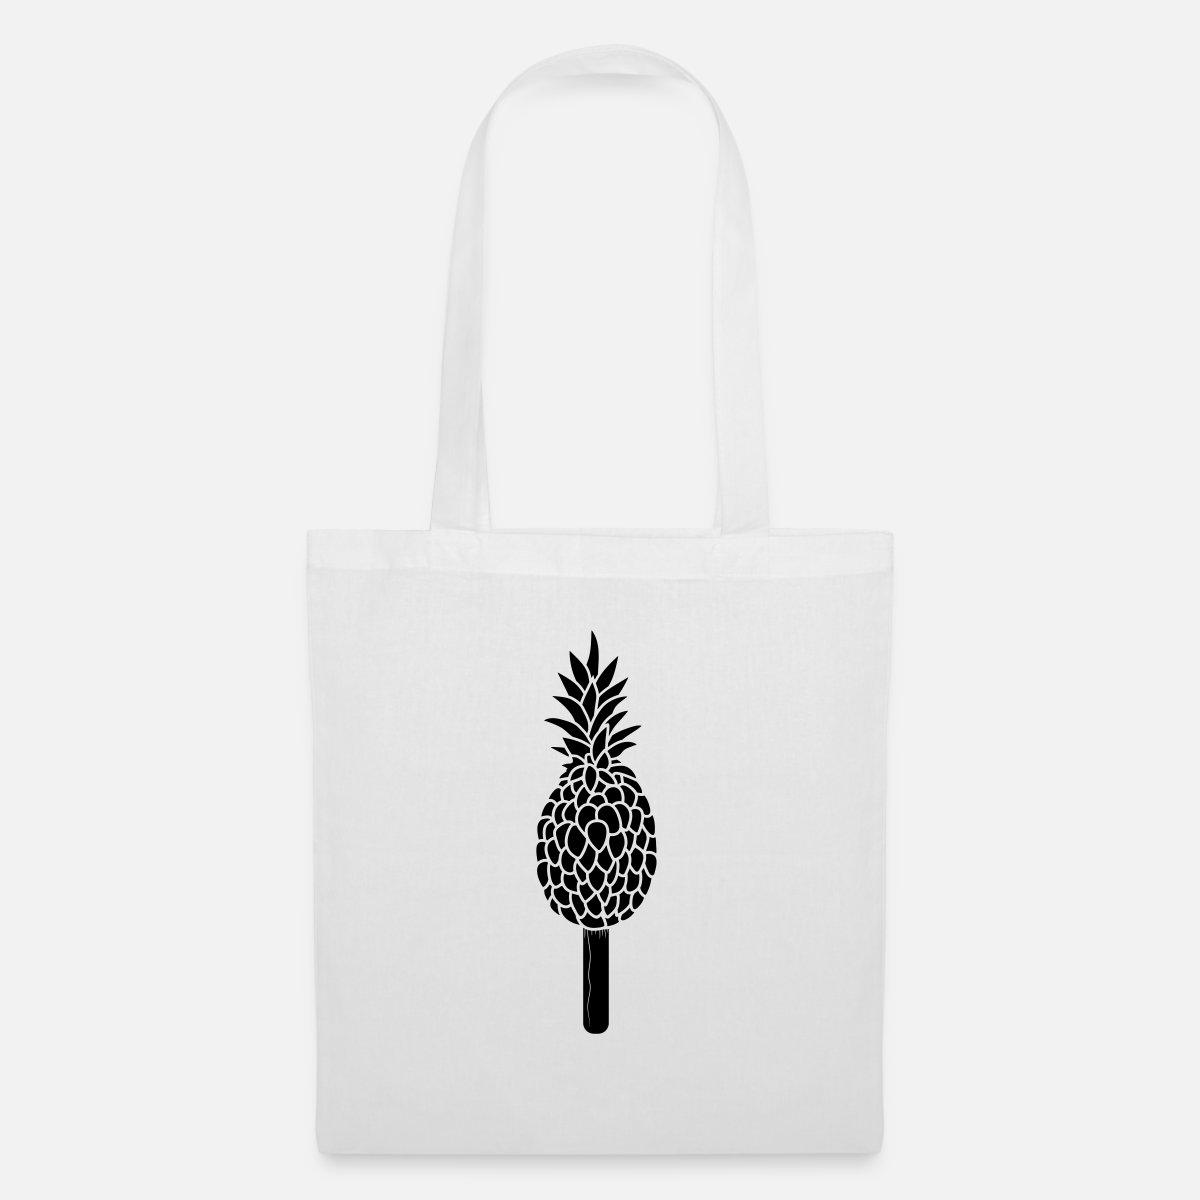 schwarz cool eiscreme eis am stiel eis ananas leck Stoffbeutel Weiß